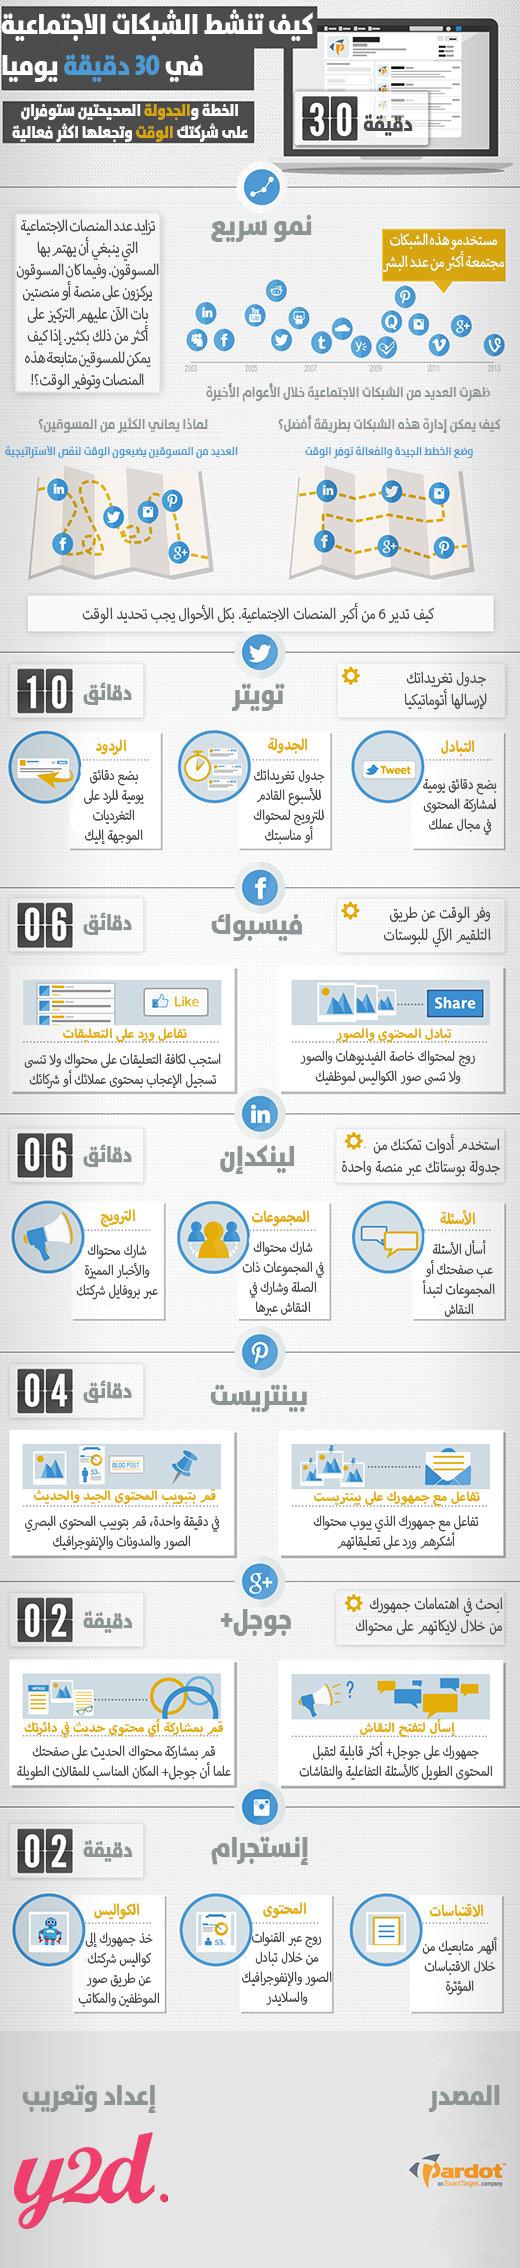 كيف تنشط الشبكات الاجتماعية في 30دقيقة يوميا #إنفوجرافيك